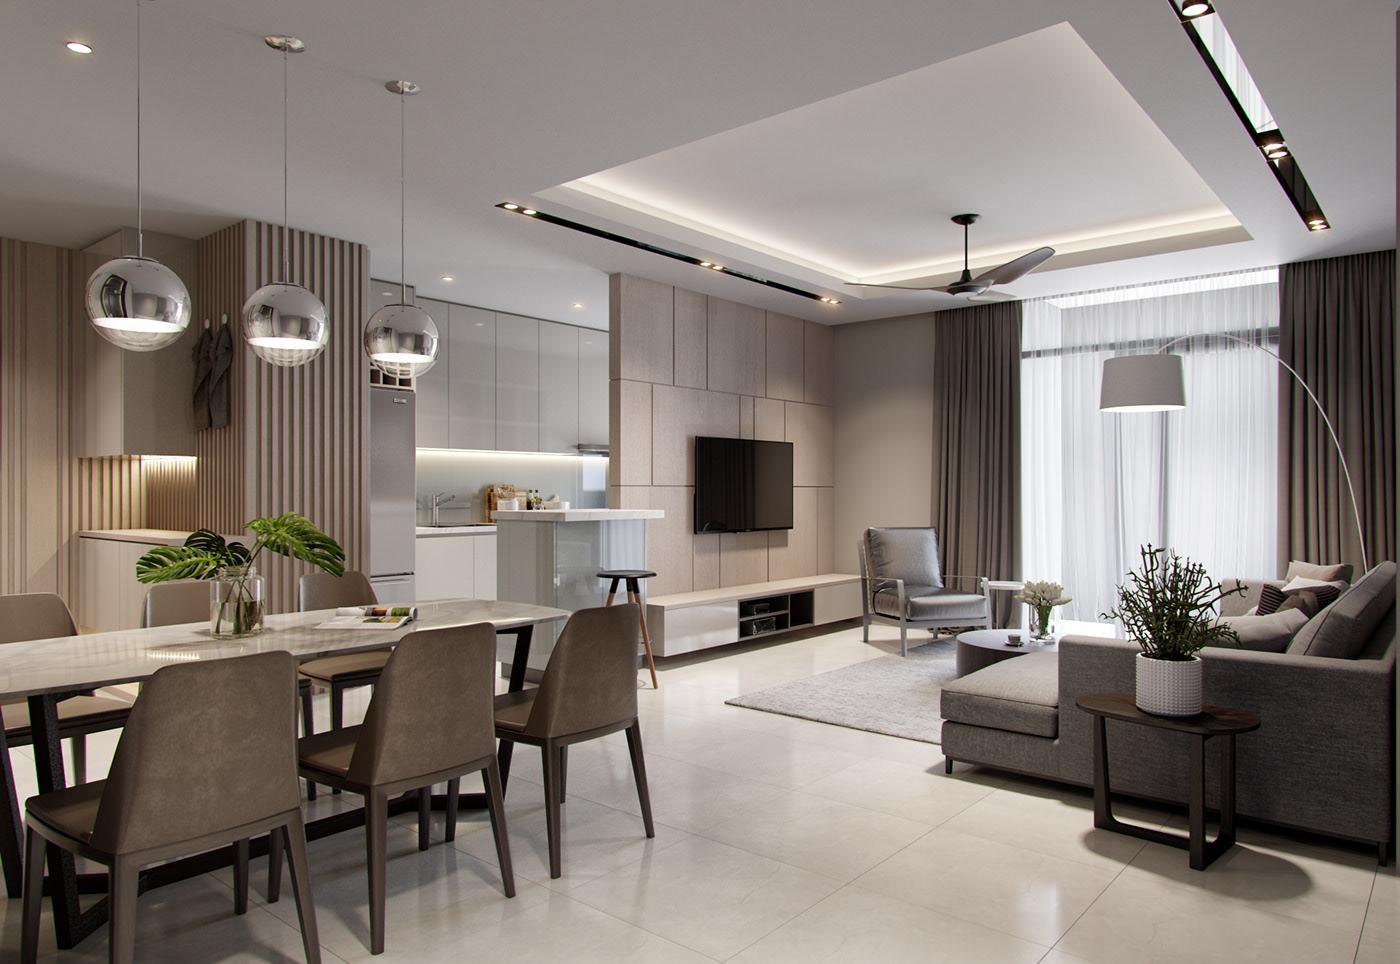 Thiết kế căn hộ 3 phòng ngủ đẹp, tối ưu công năng